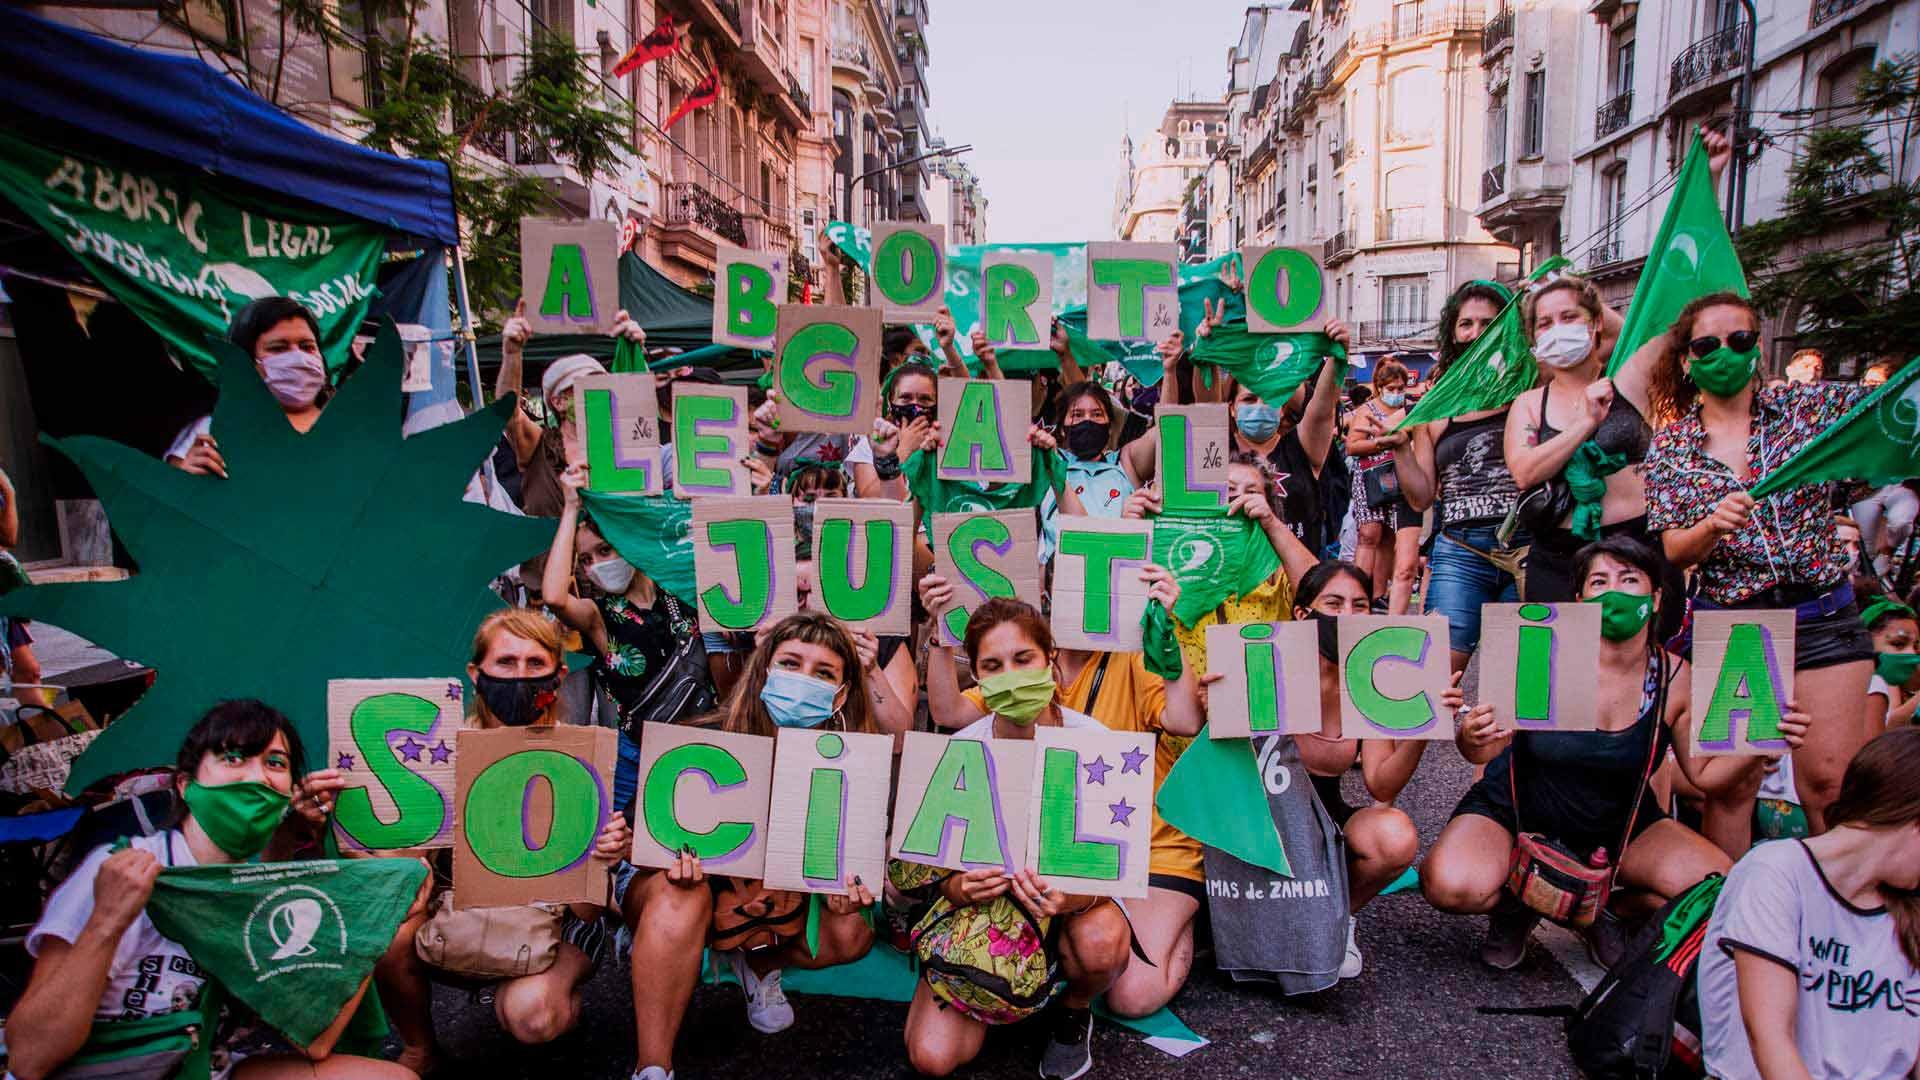 Derechos sexuales los diálogos pendientes _03 - Daniela_Cilli